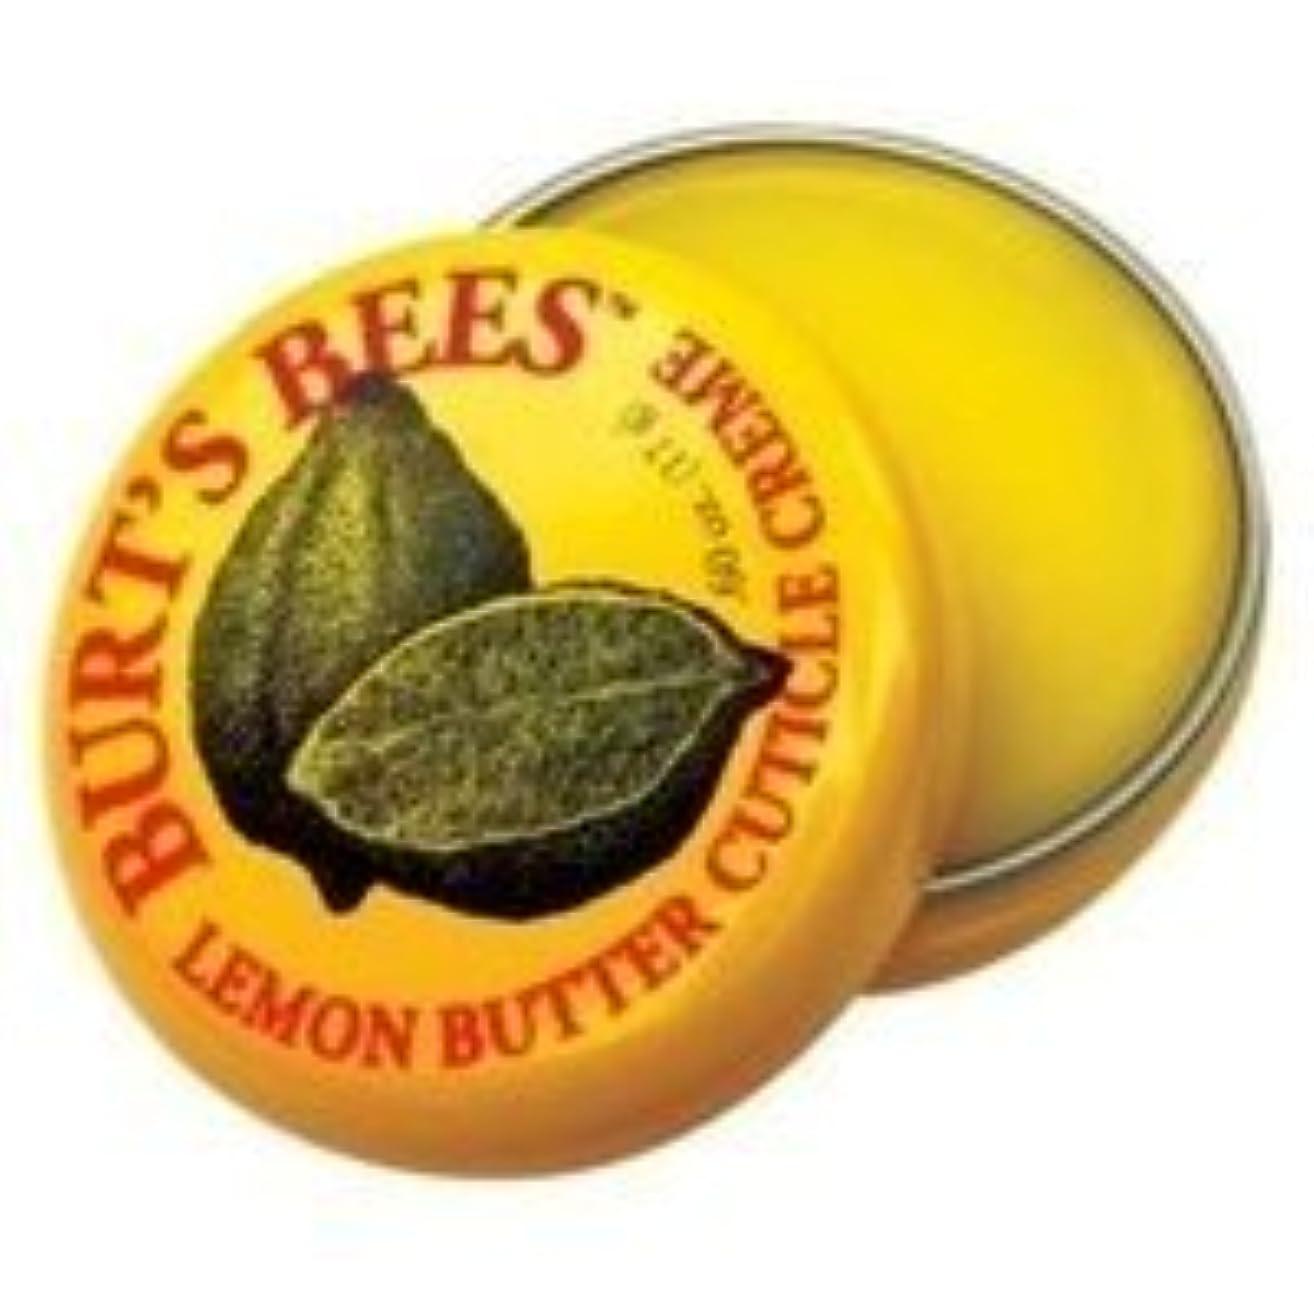 全能独裁三角形バーツビー(バーツビーズ) レモンバターキューティクルクリーム 17g お得な3個セット